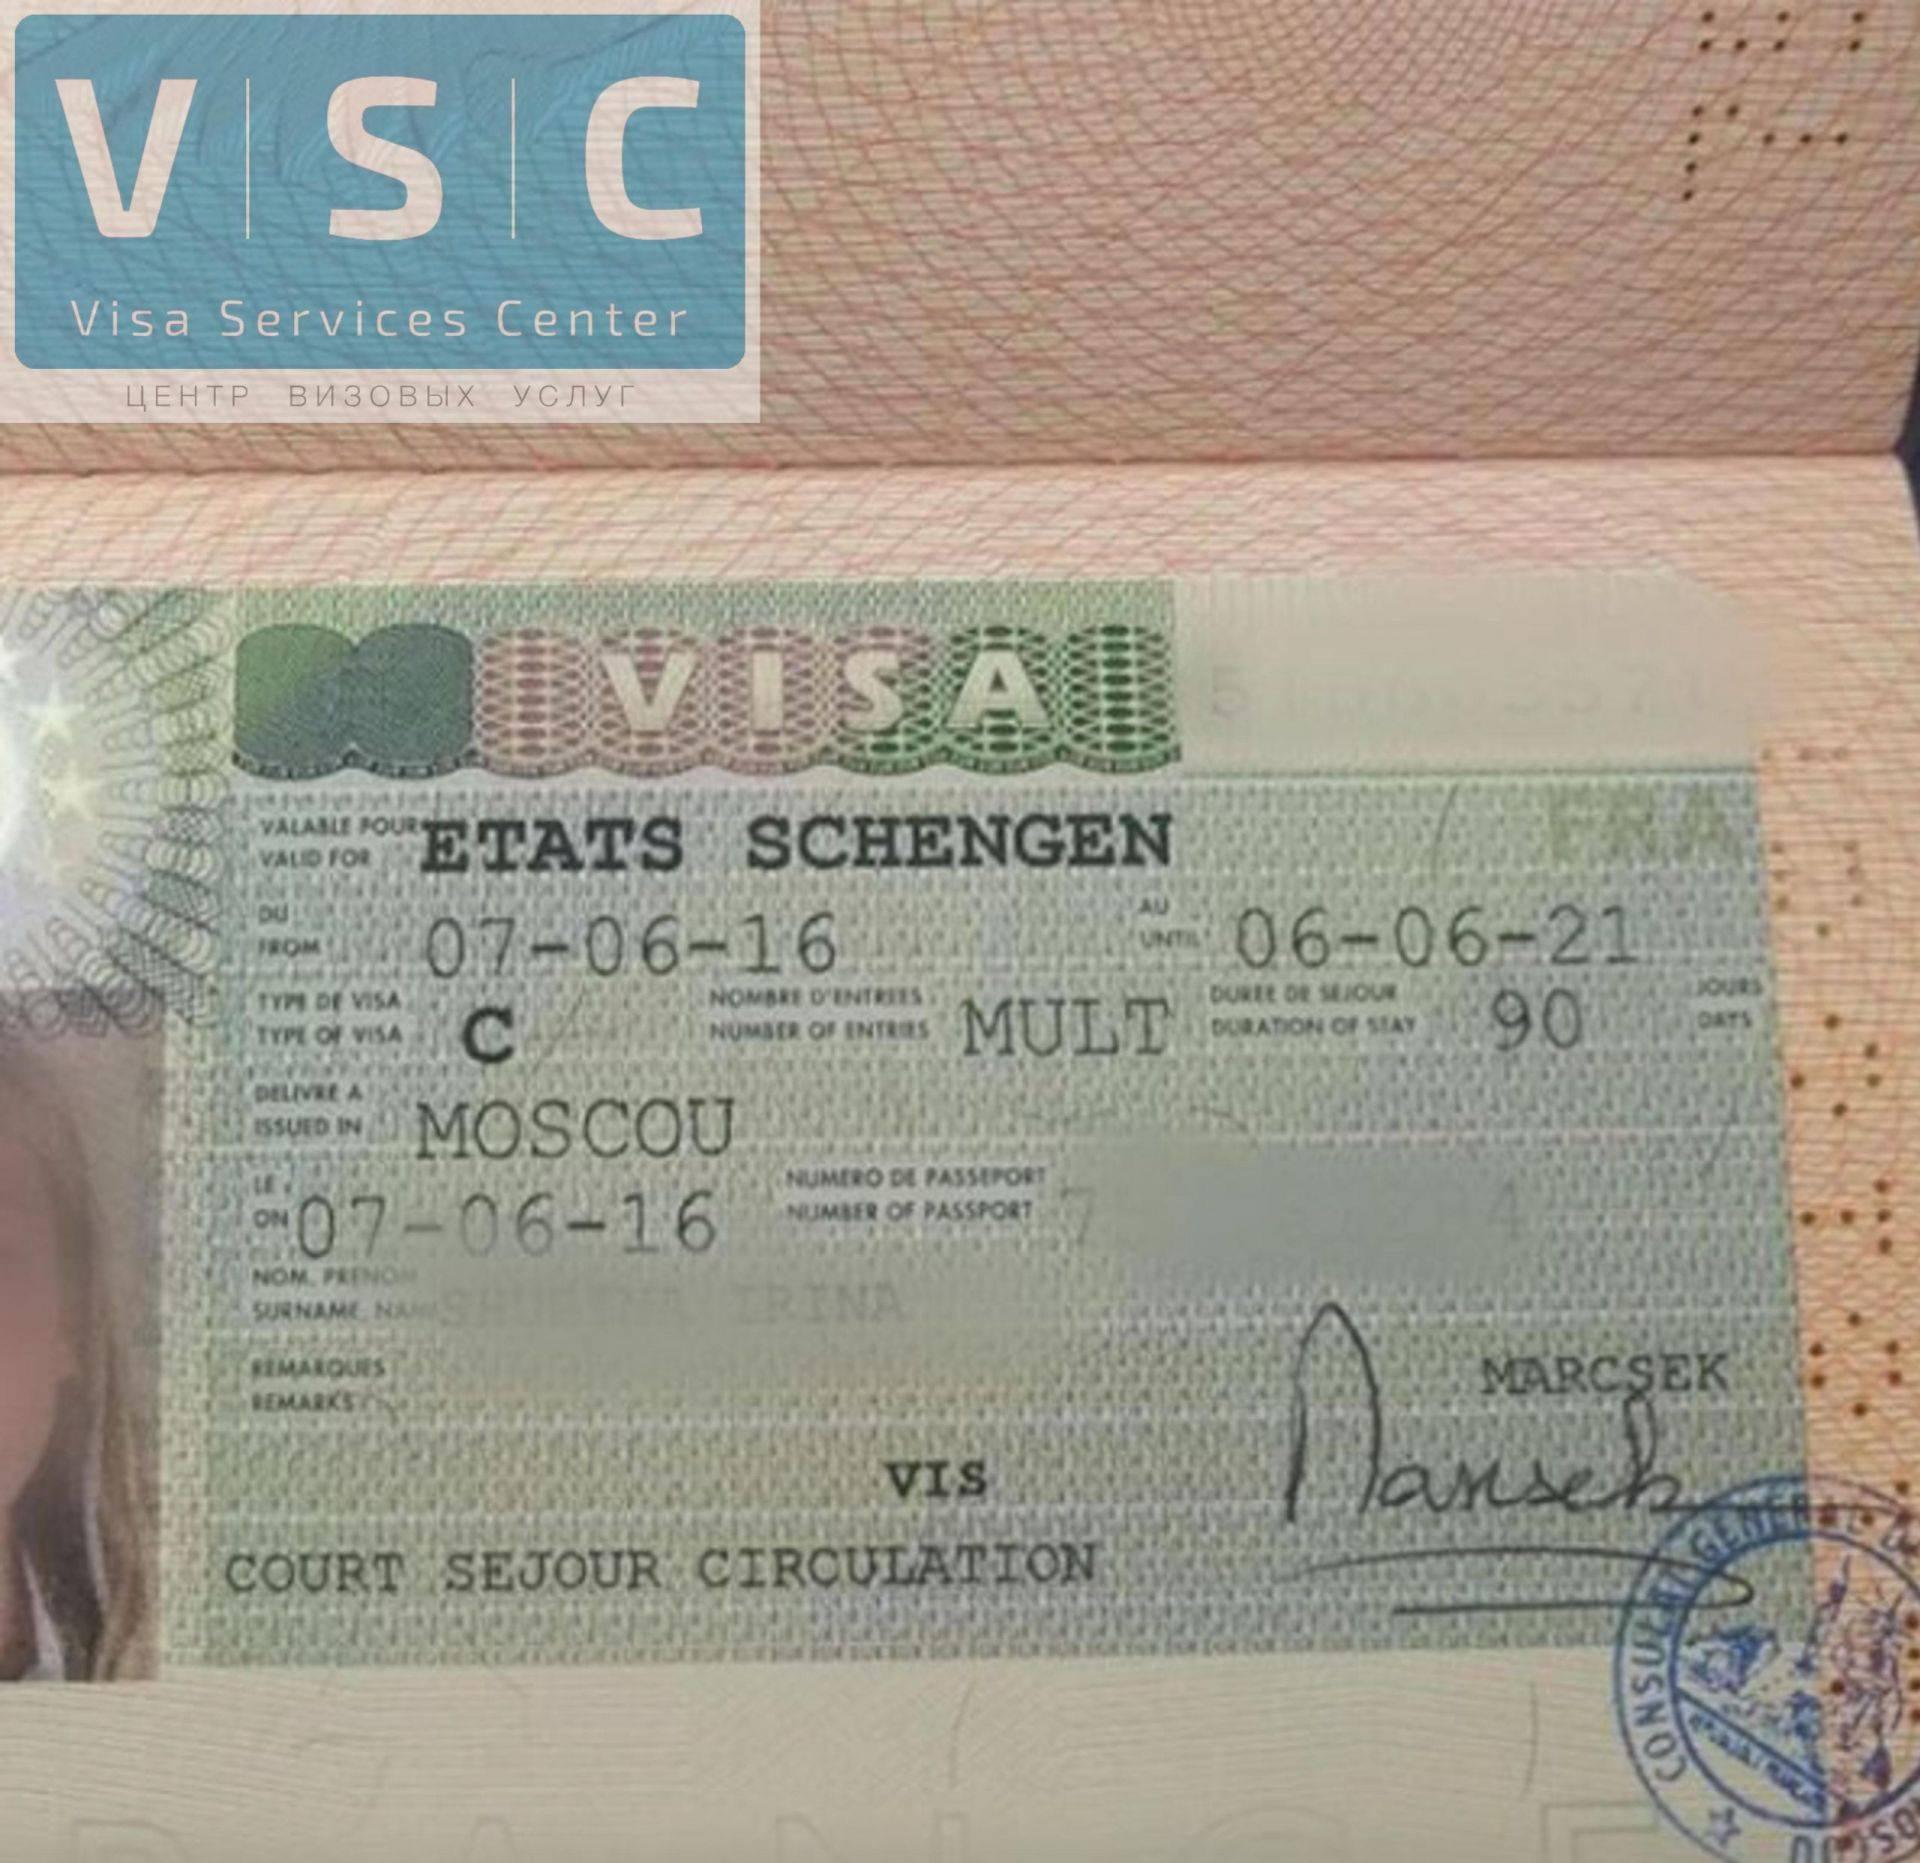 Рабочая виза в чехию: как получить, сколько стоит и сколько делается